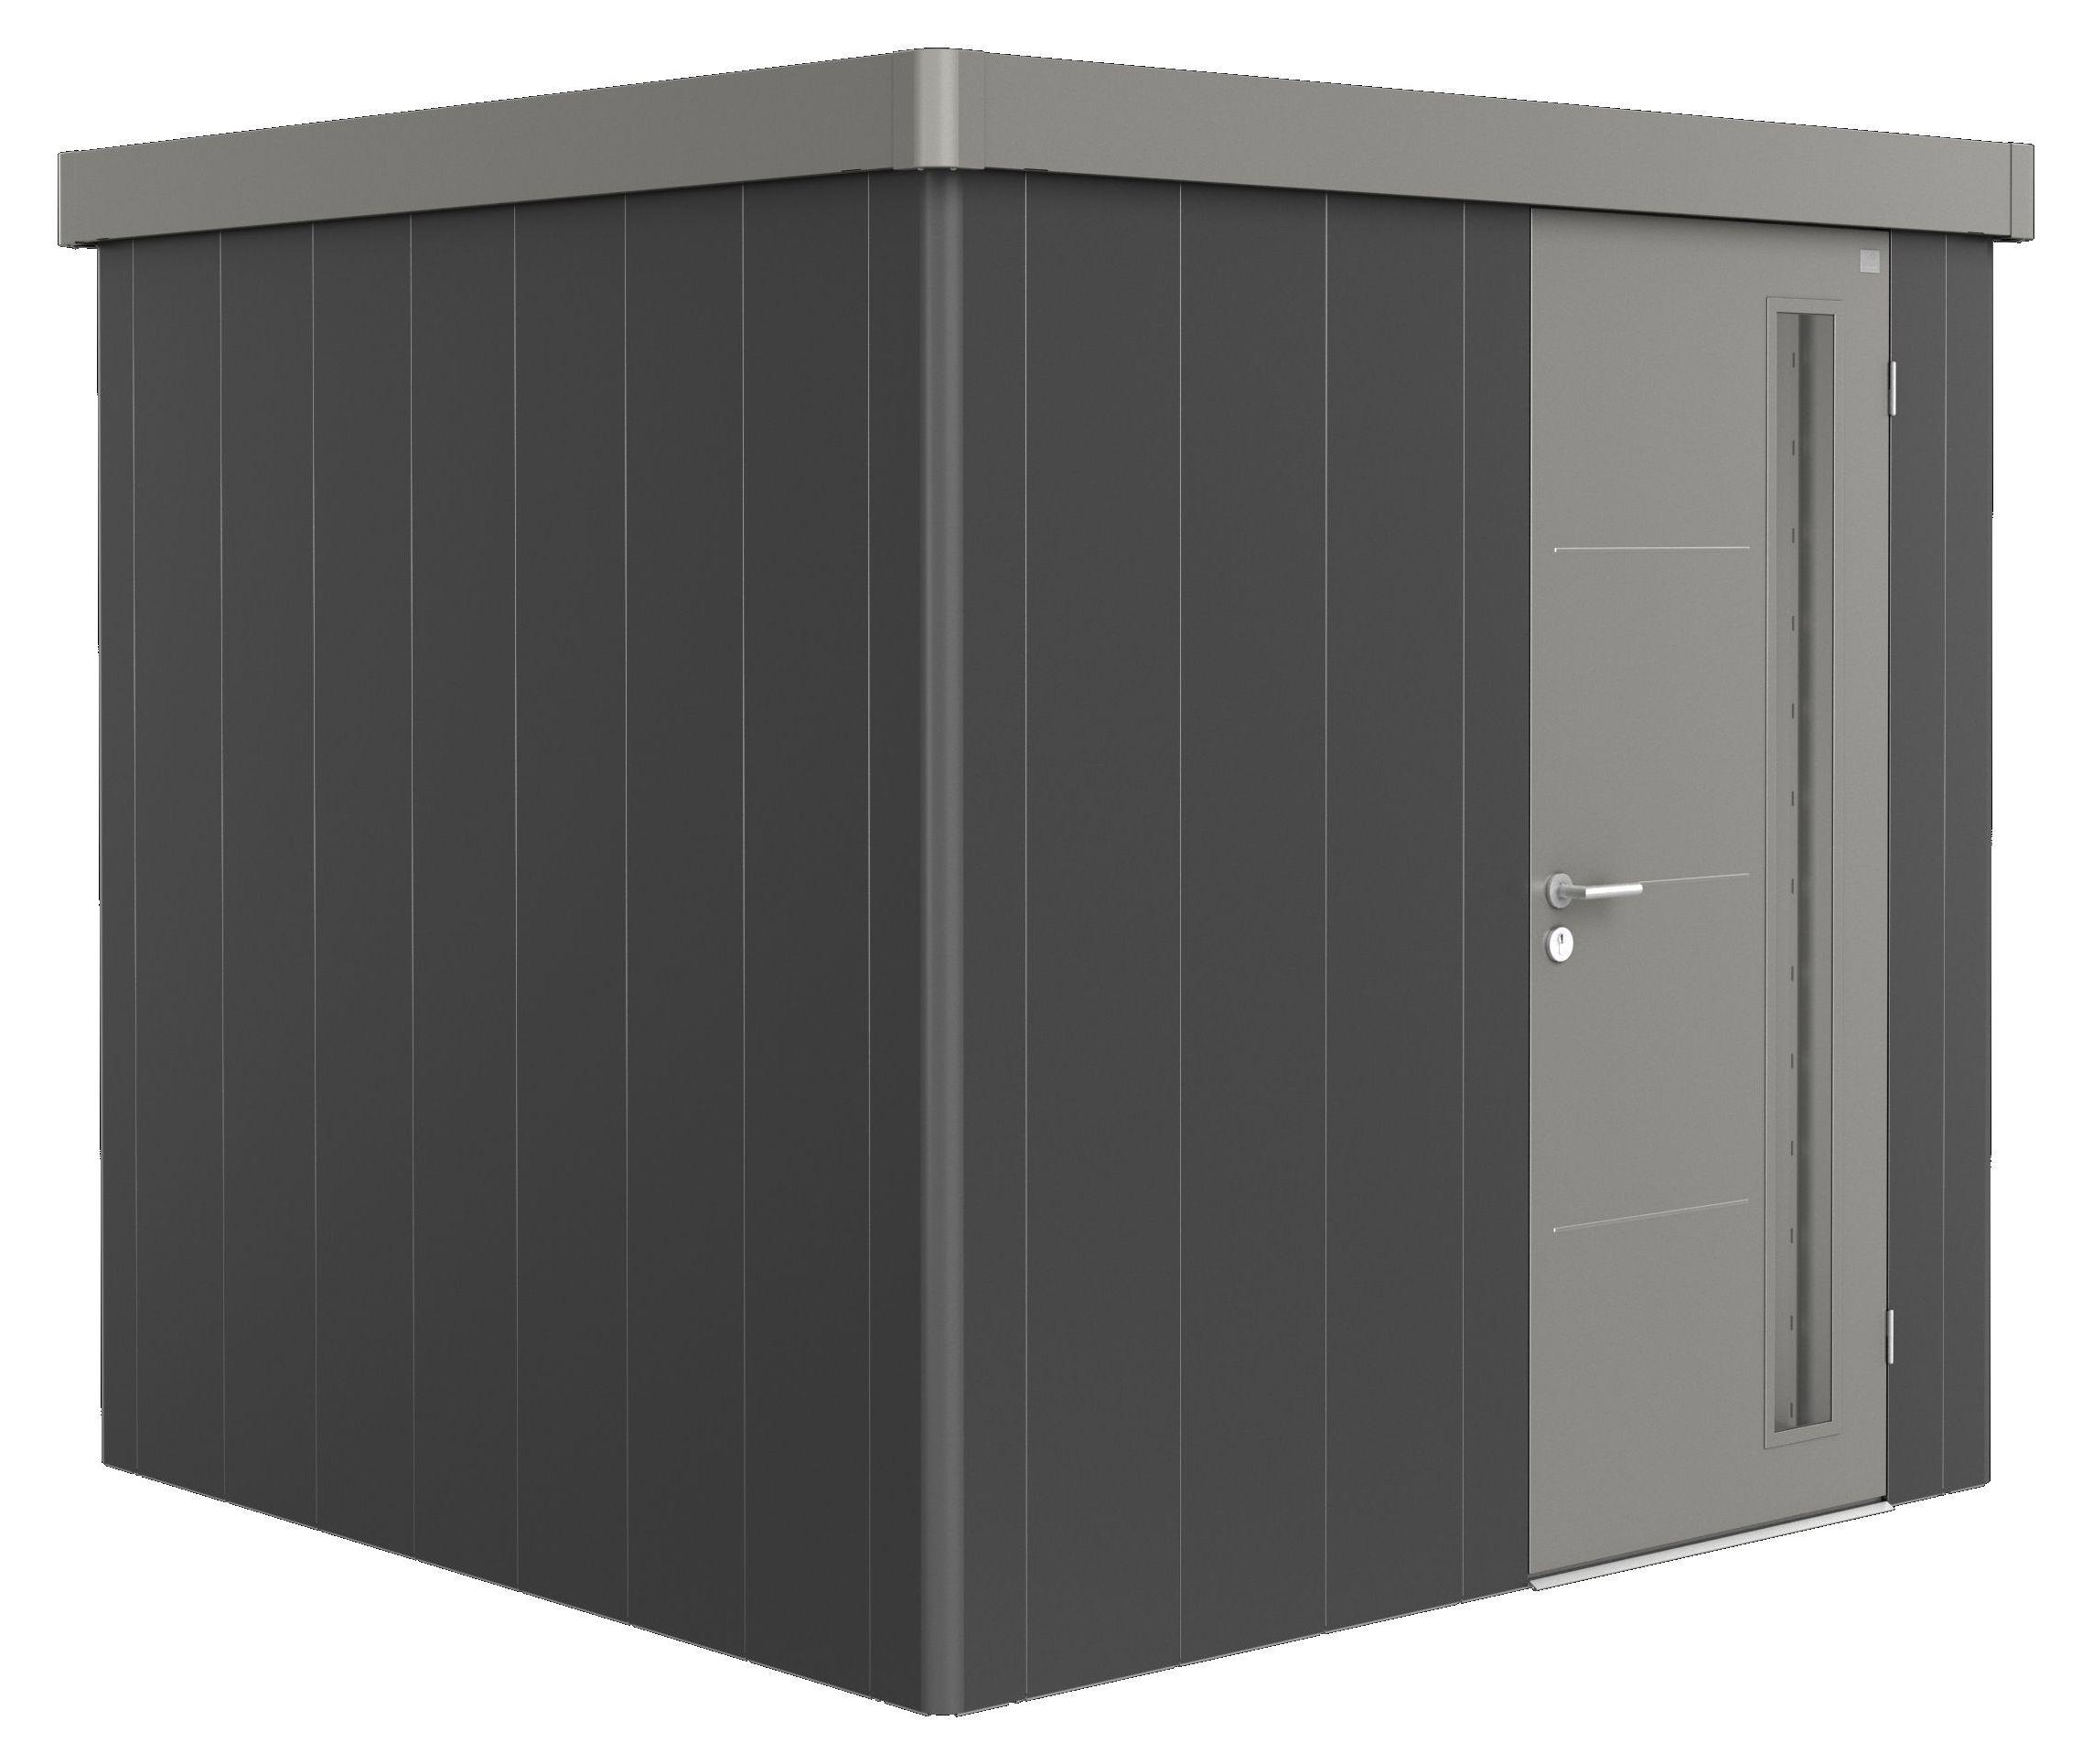 Biohort Zahradní domek NEO 2B, varianta 3.2 tmavě šedá metalíza